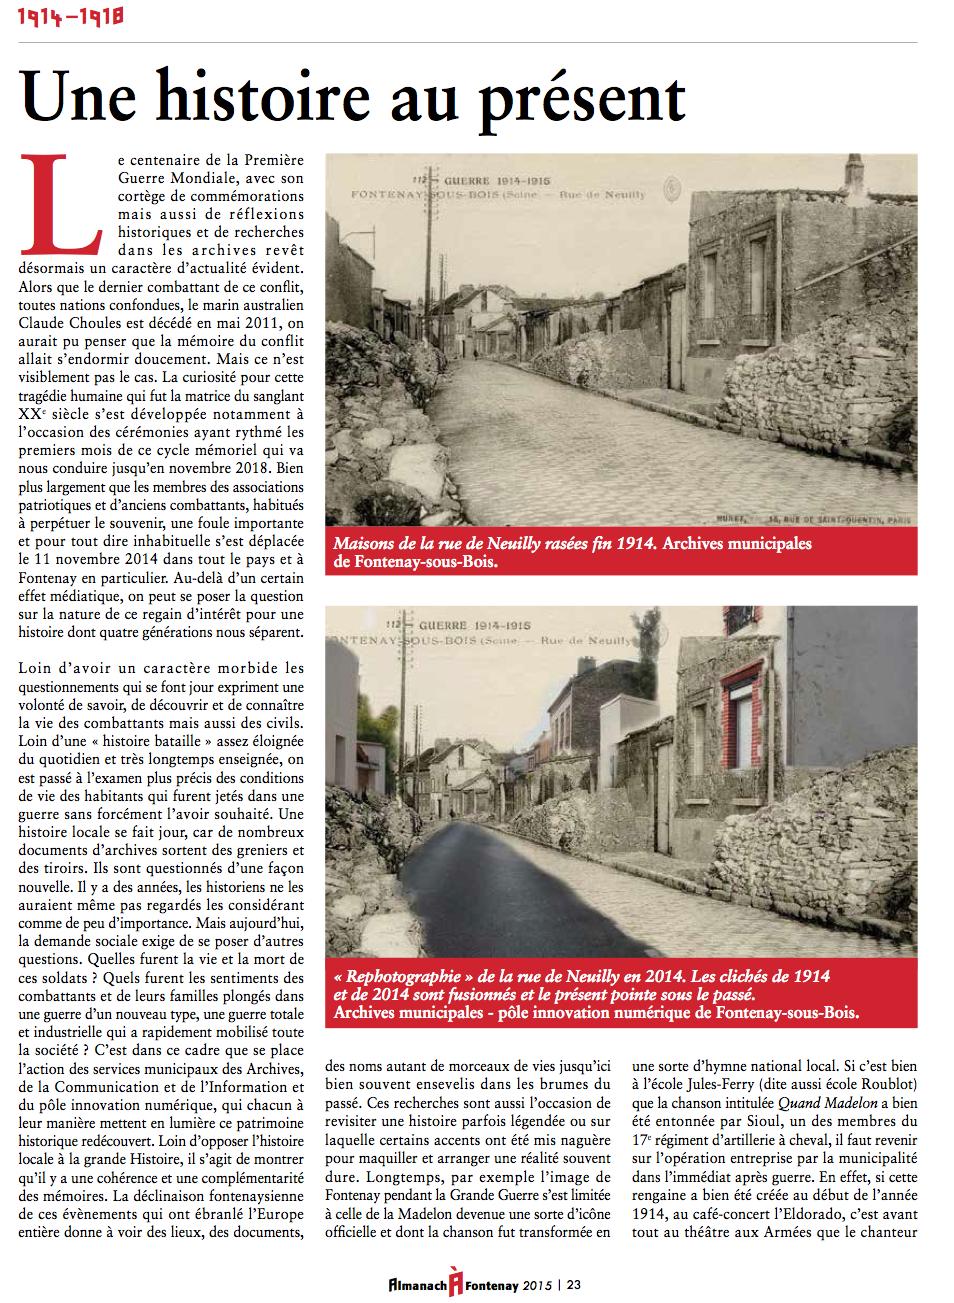 Fontenay dans la Grande guerre: une histoire au présent